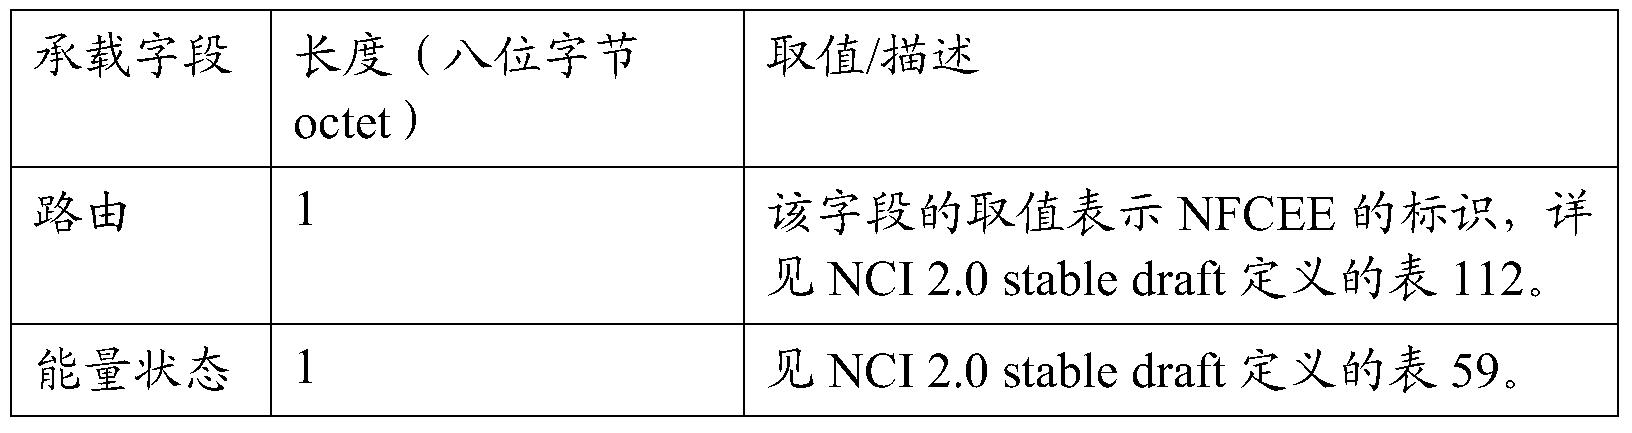 Figure PCTCN2014087999-appb-000006